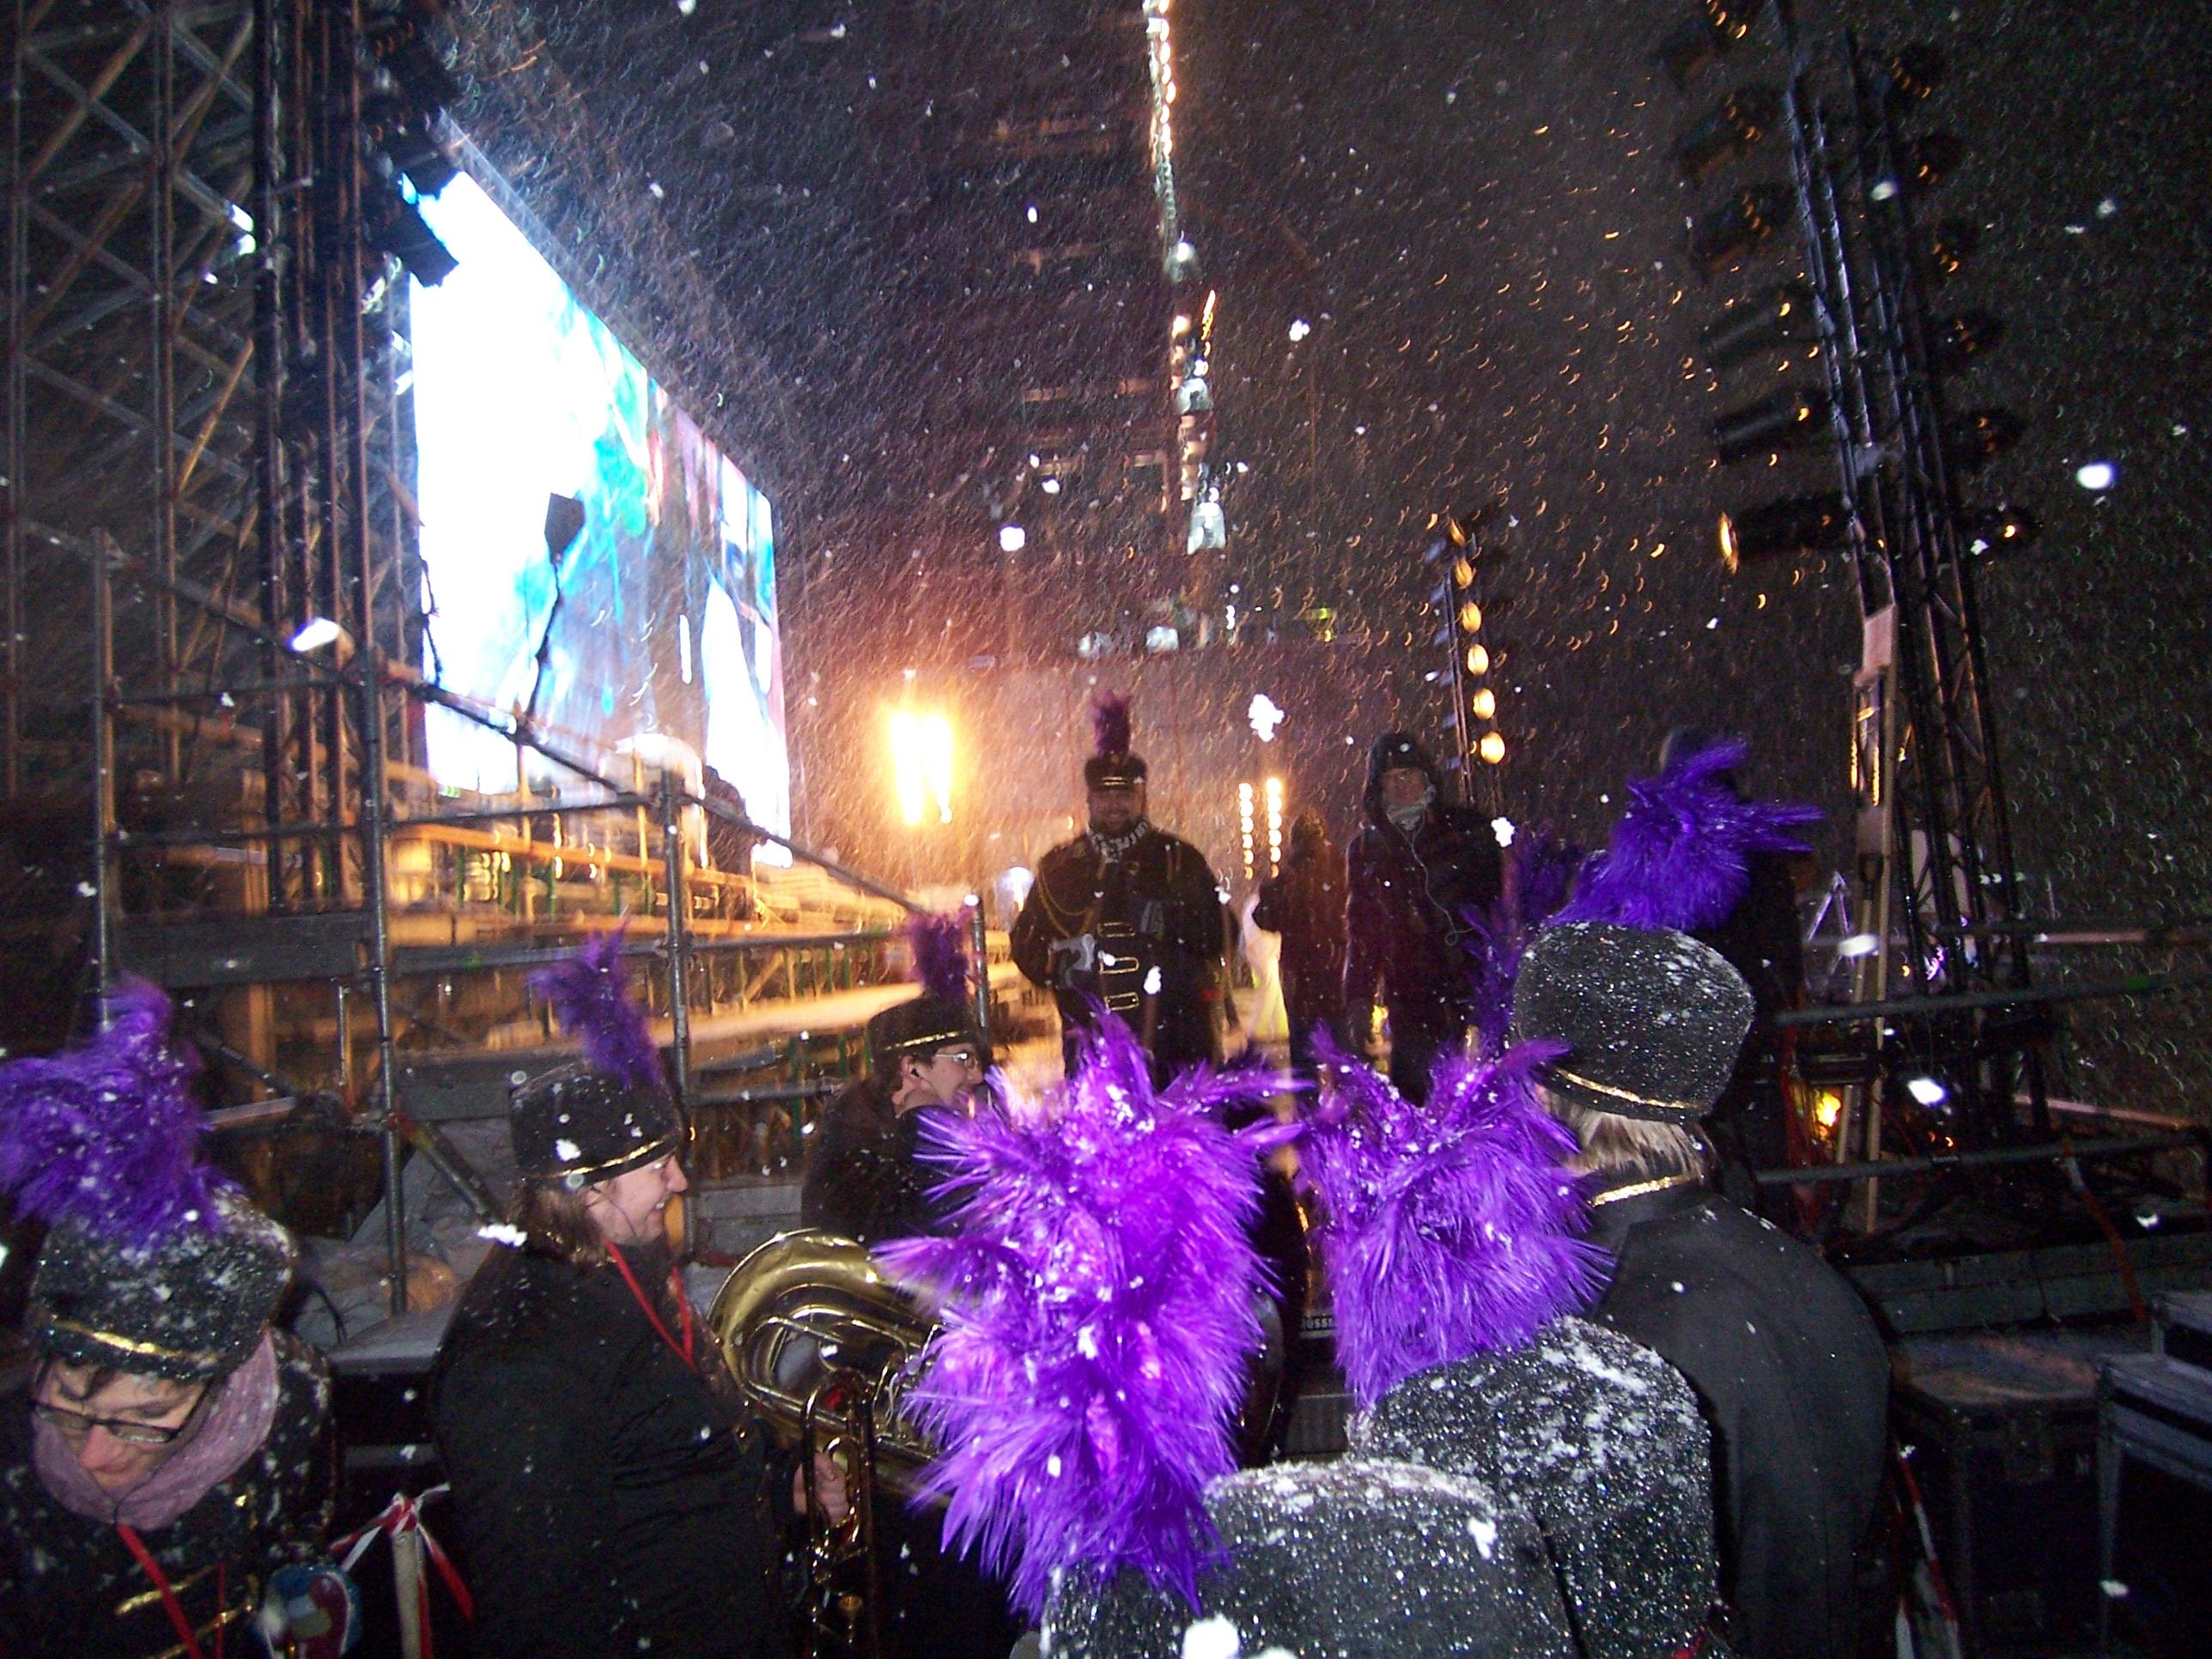 2010: Im Schneegestöber